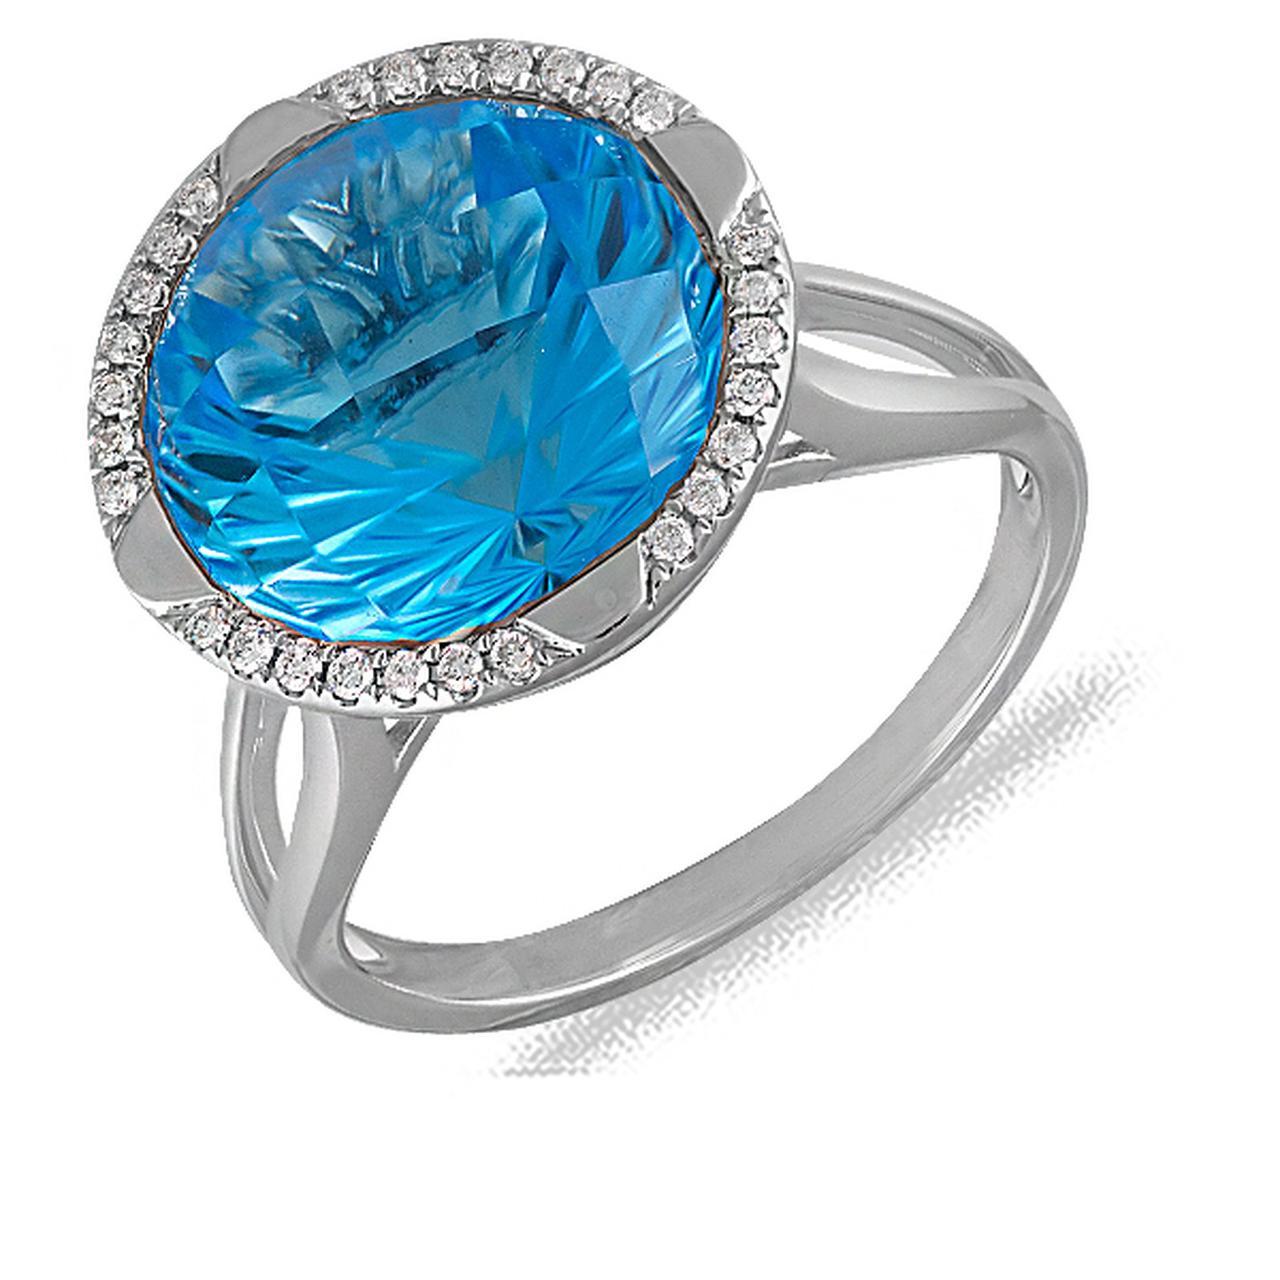 Золотое кольцо с бриллиантами и топазом, размер 17 (070434)